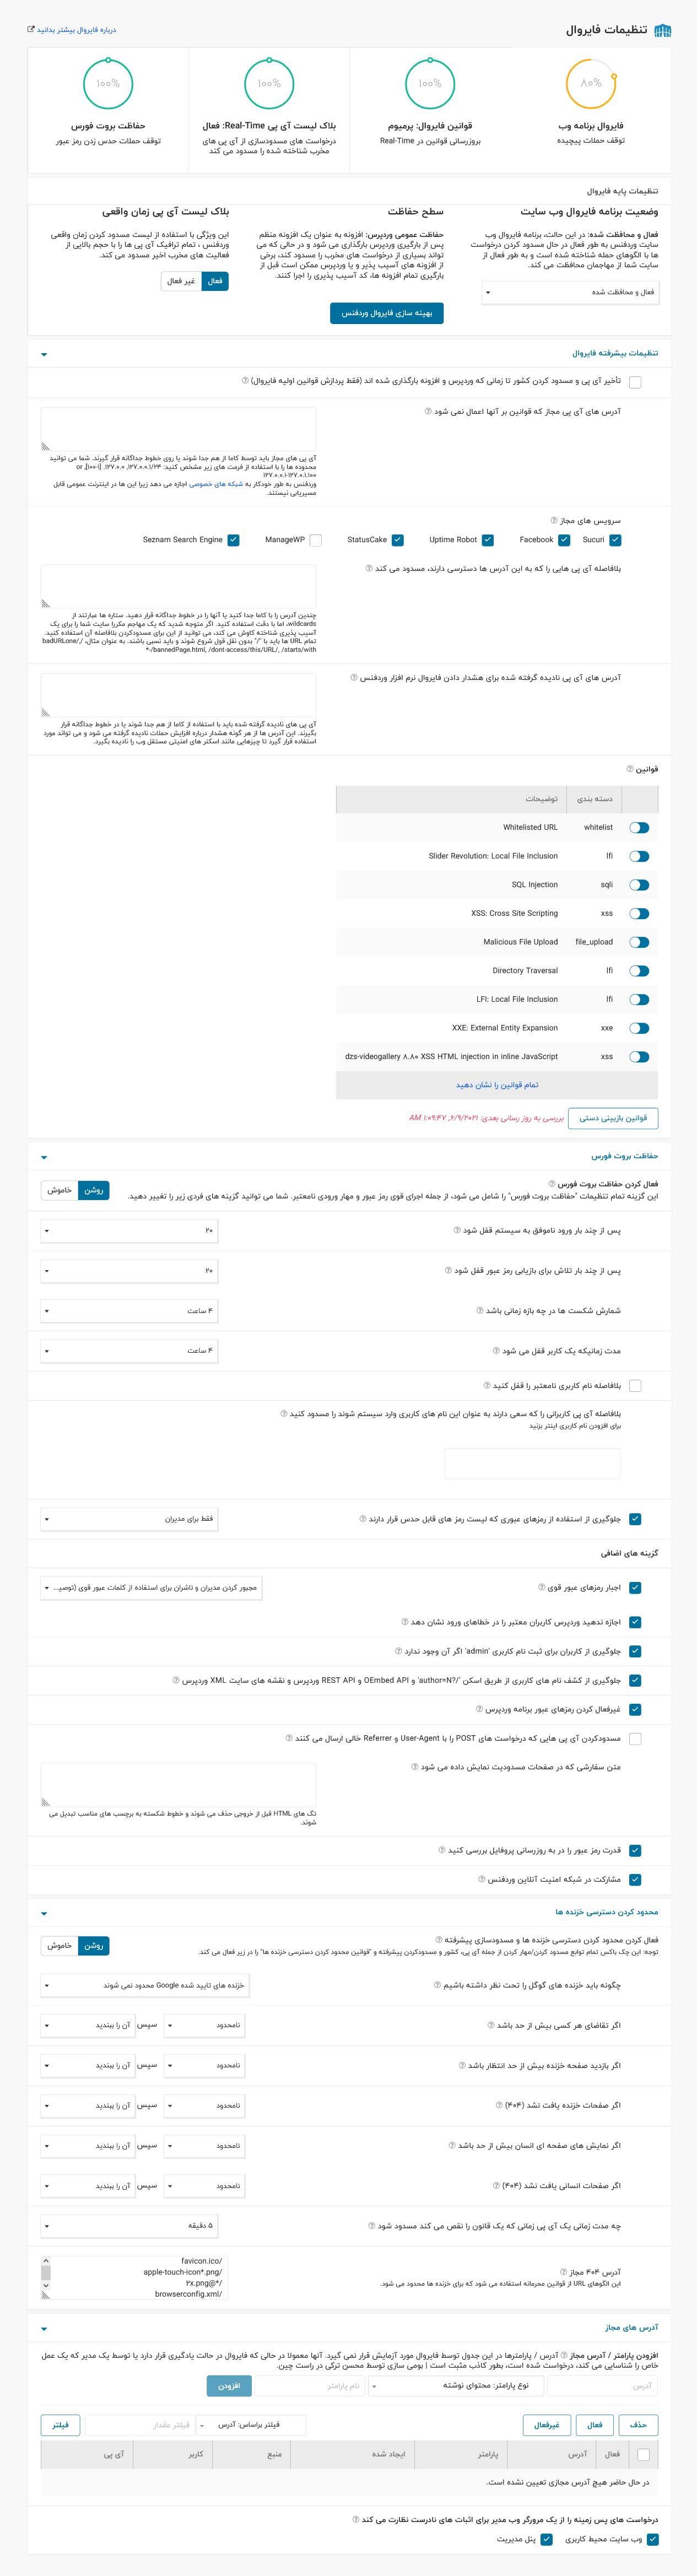 افزونه امنیت وردفنس تنظیمات فایروال